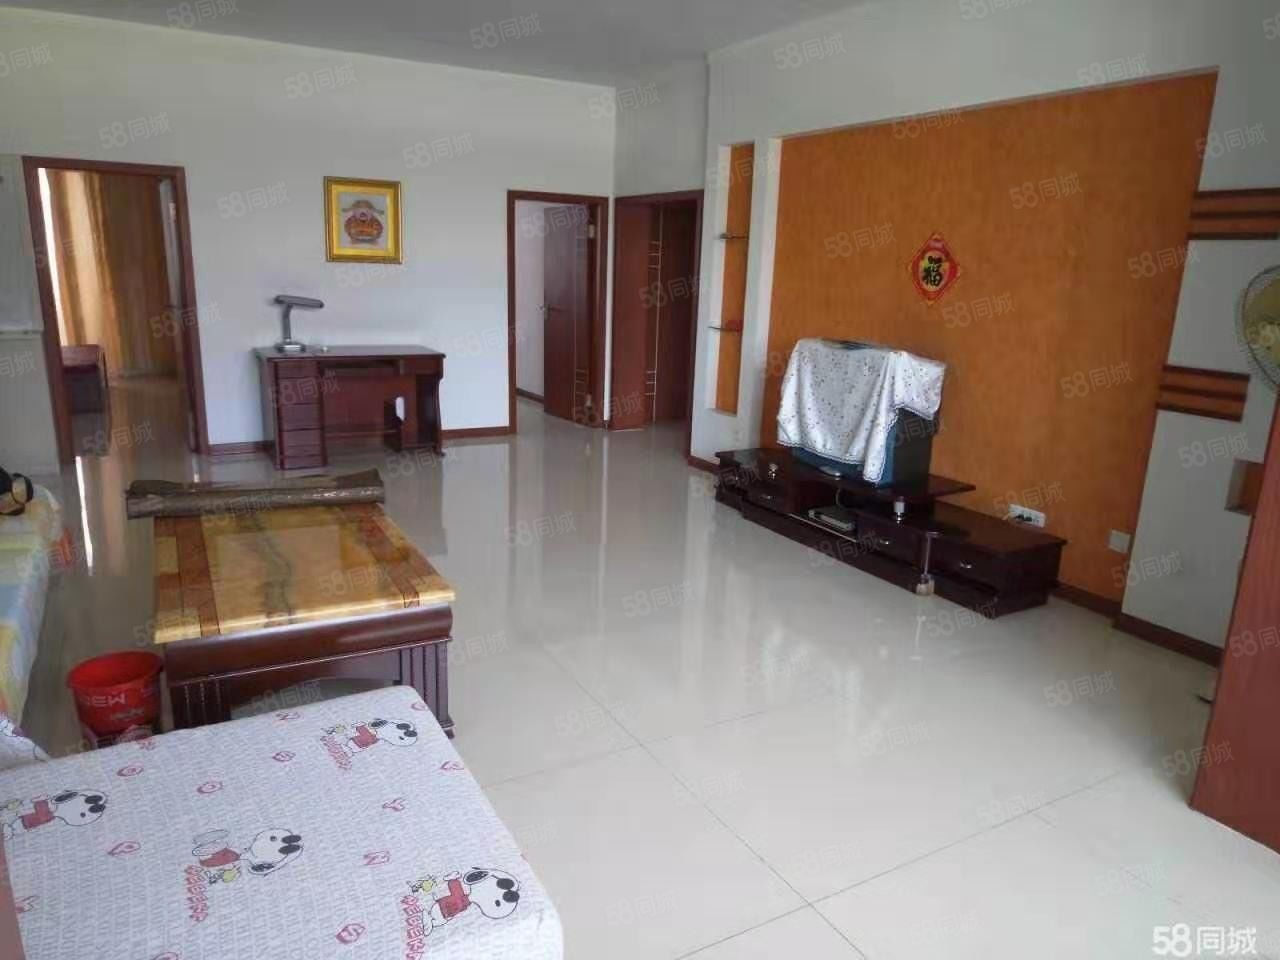 和平广场市委宿舍有3室1厅1卫好房子出租